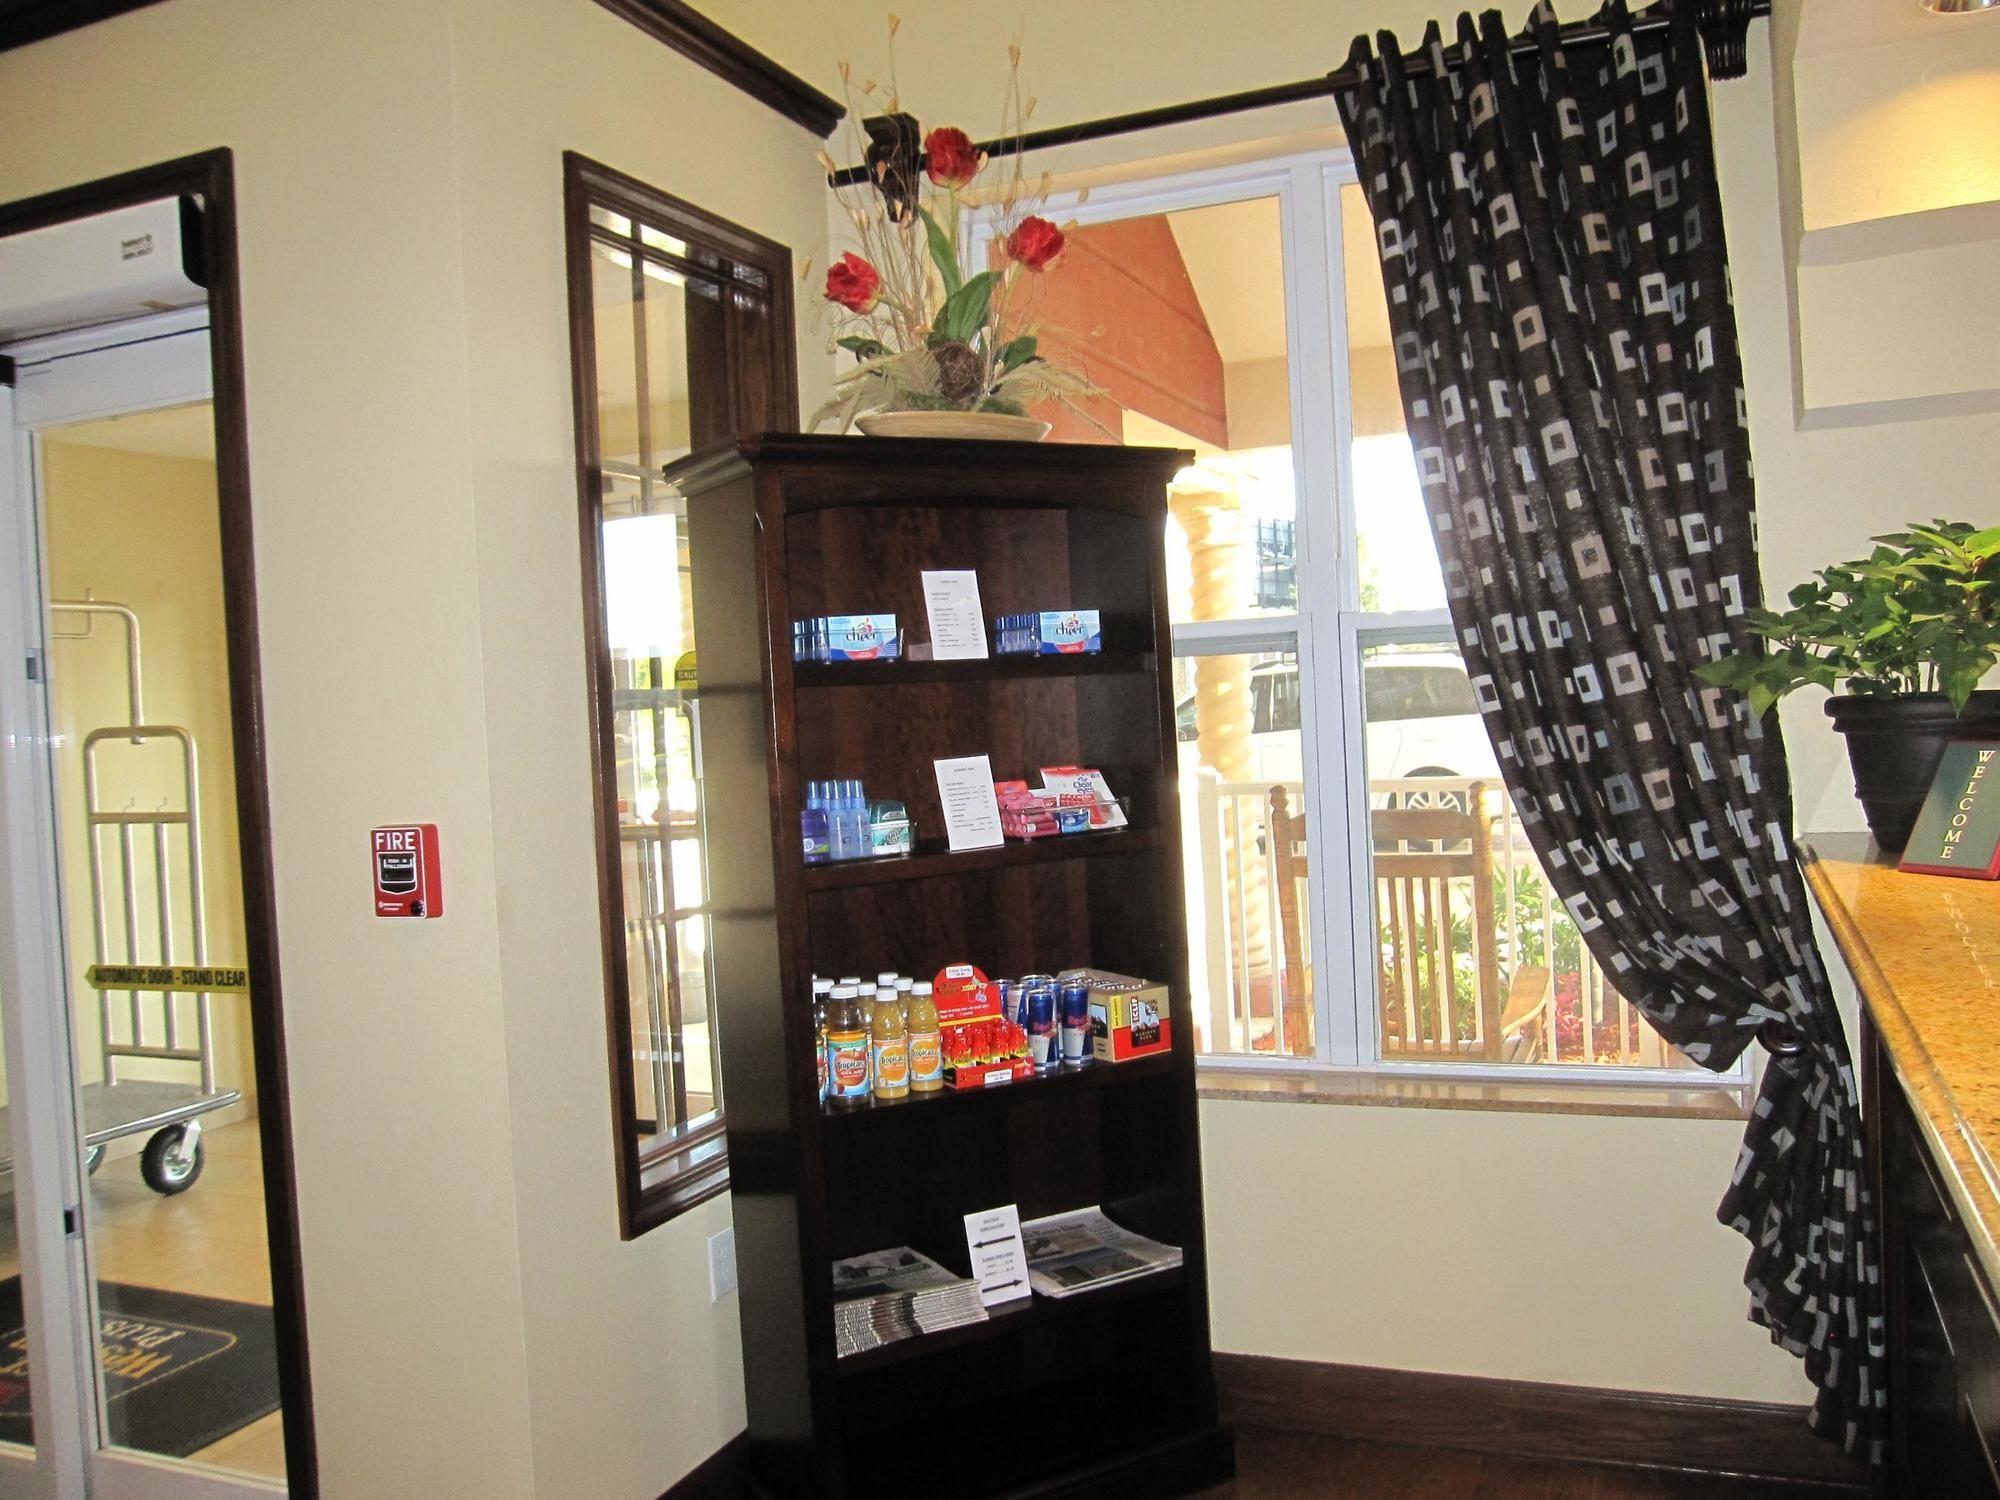 Best Western Plus First Coast Inn & Suites in Yulee, FL